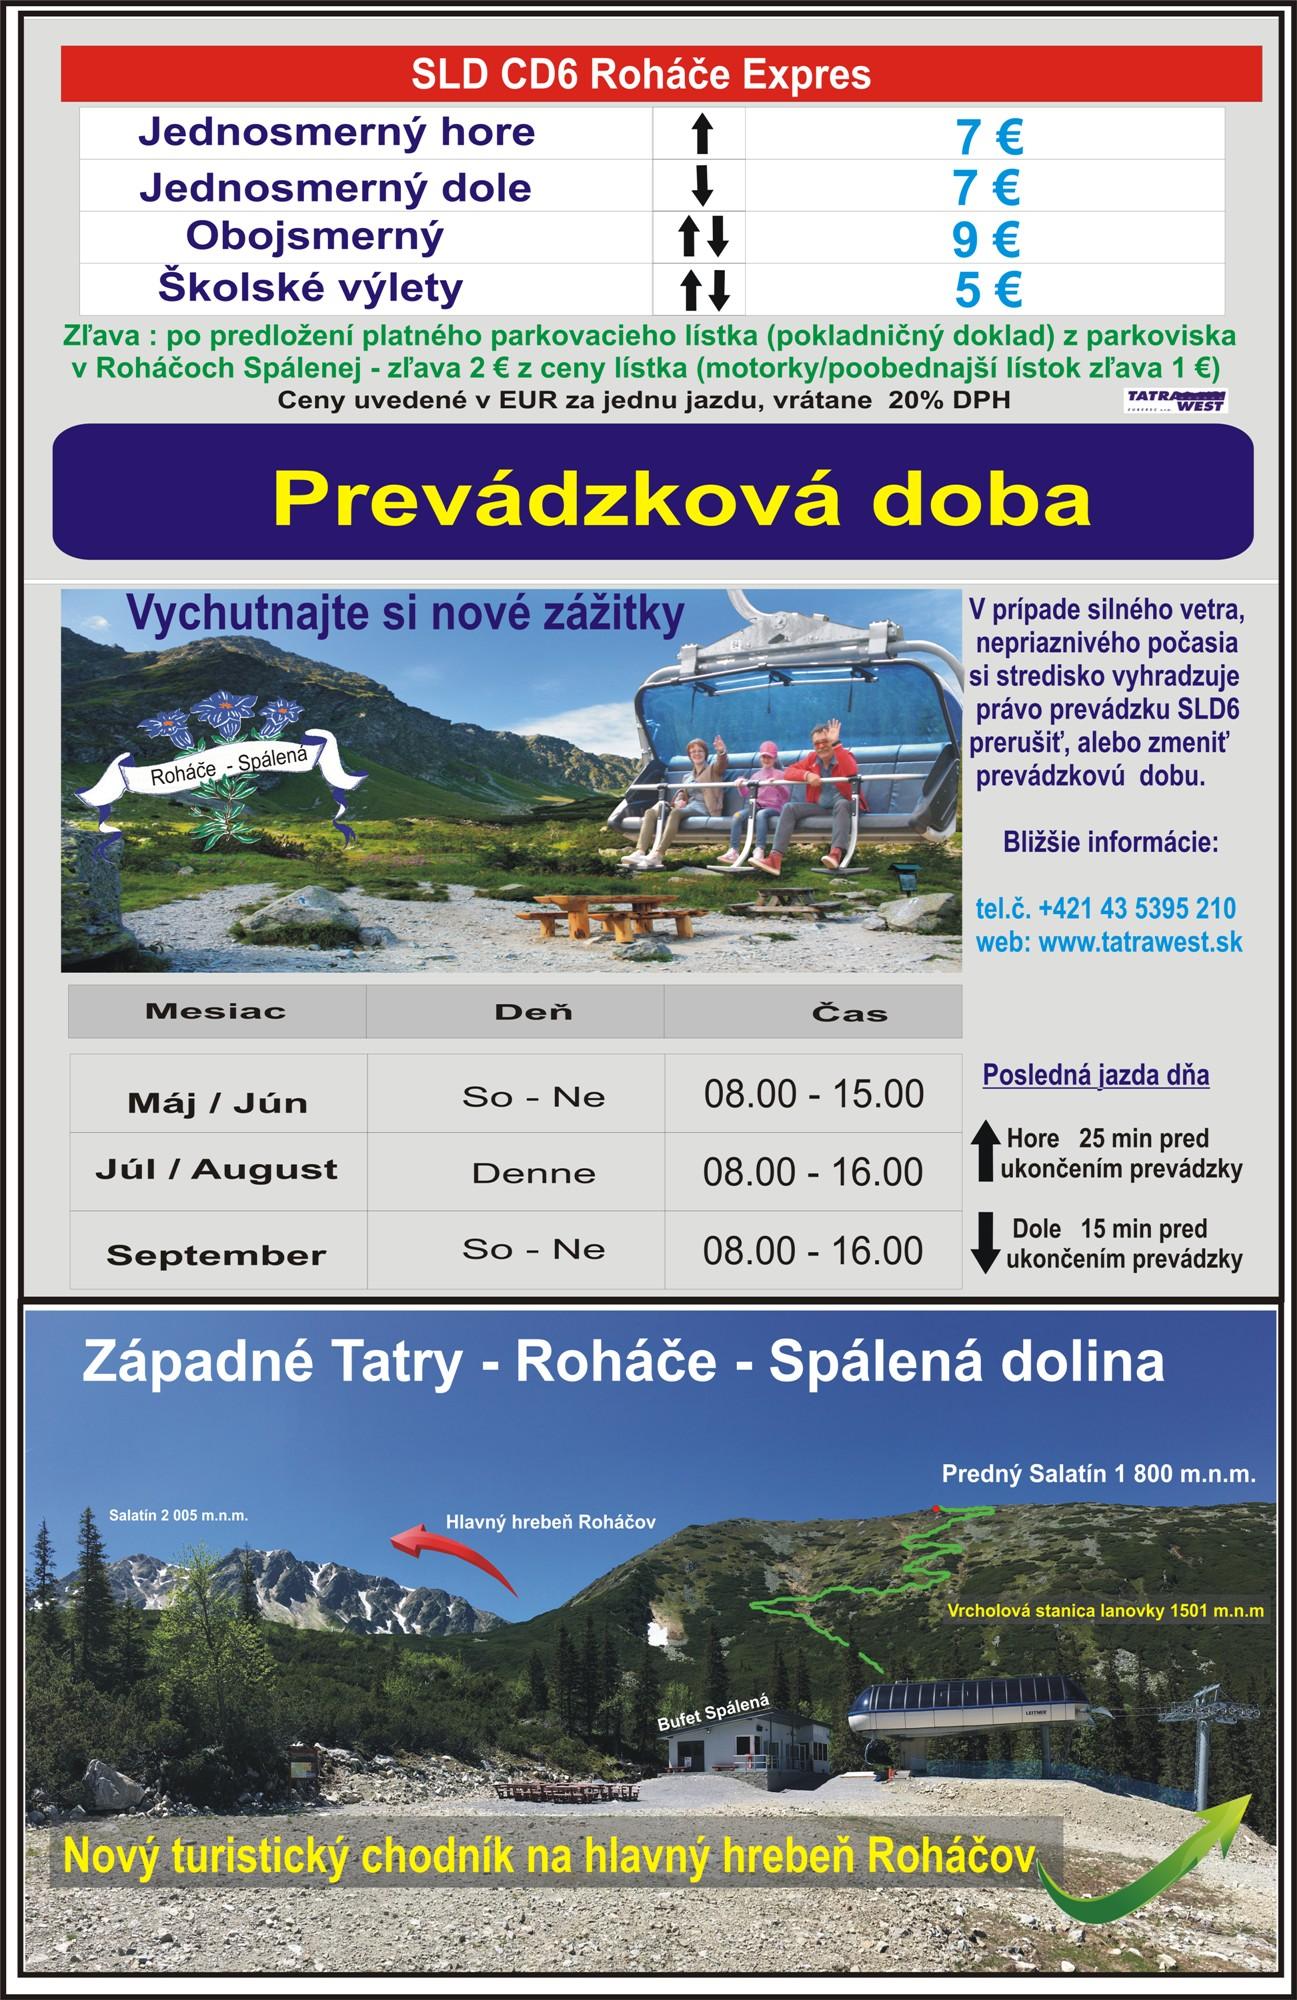 Lanovka v prevádzke počas počas víkendov ( So - Ne ) v čase 08.00. - 15.00.